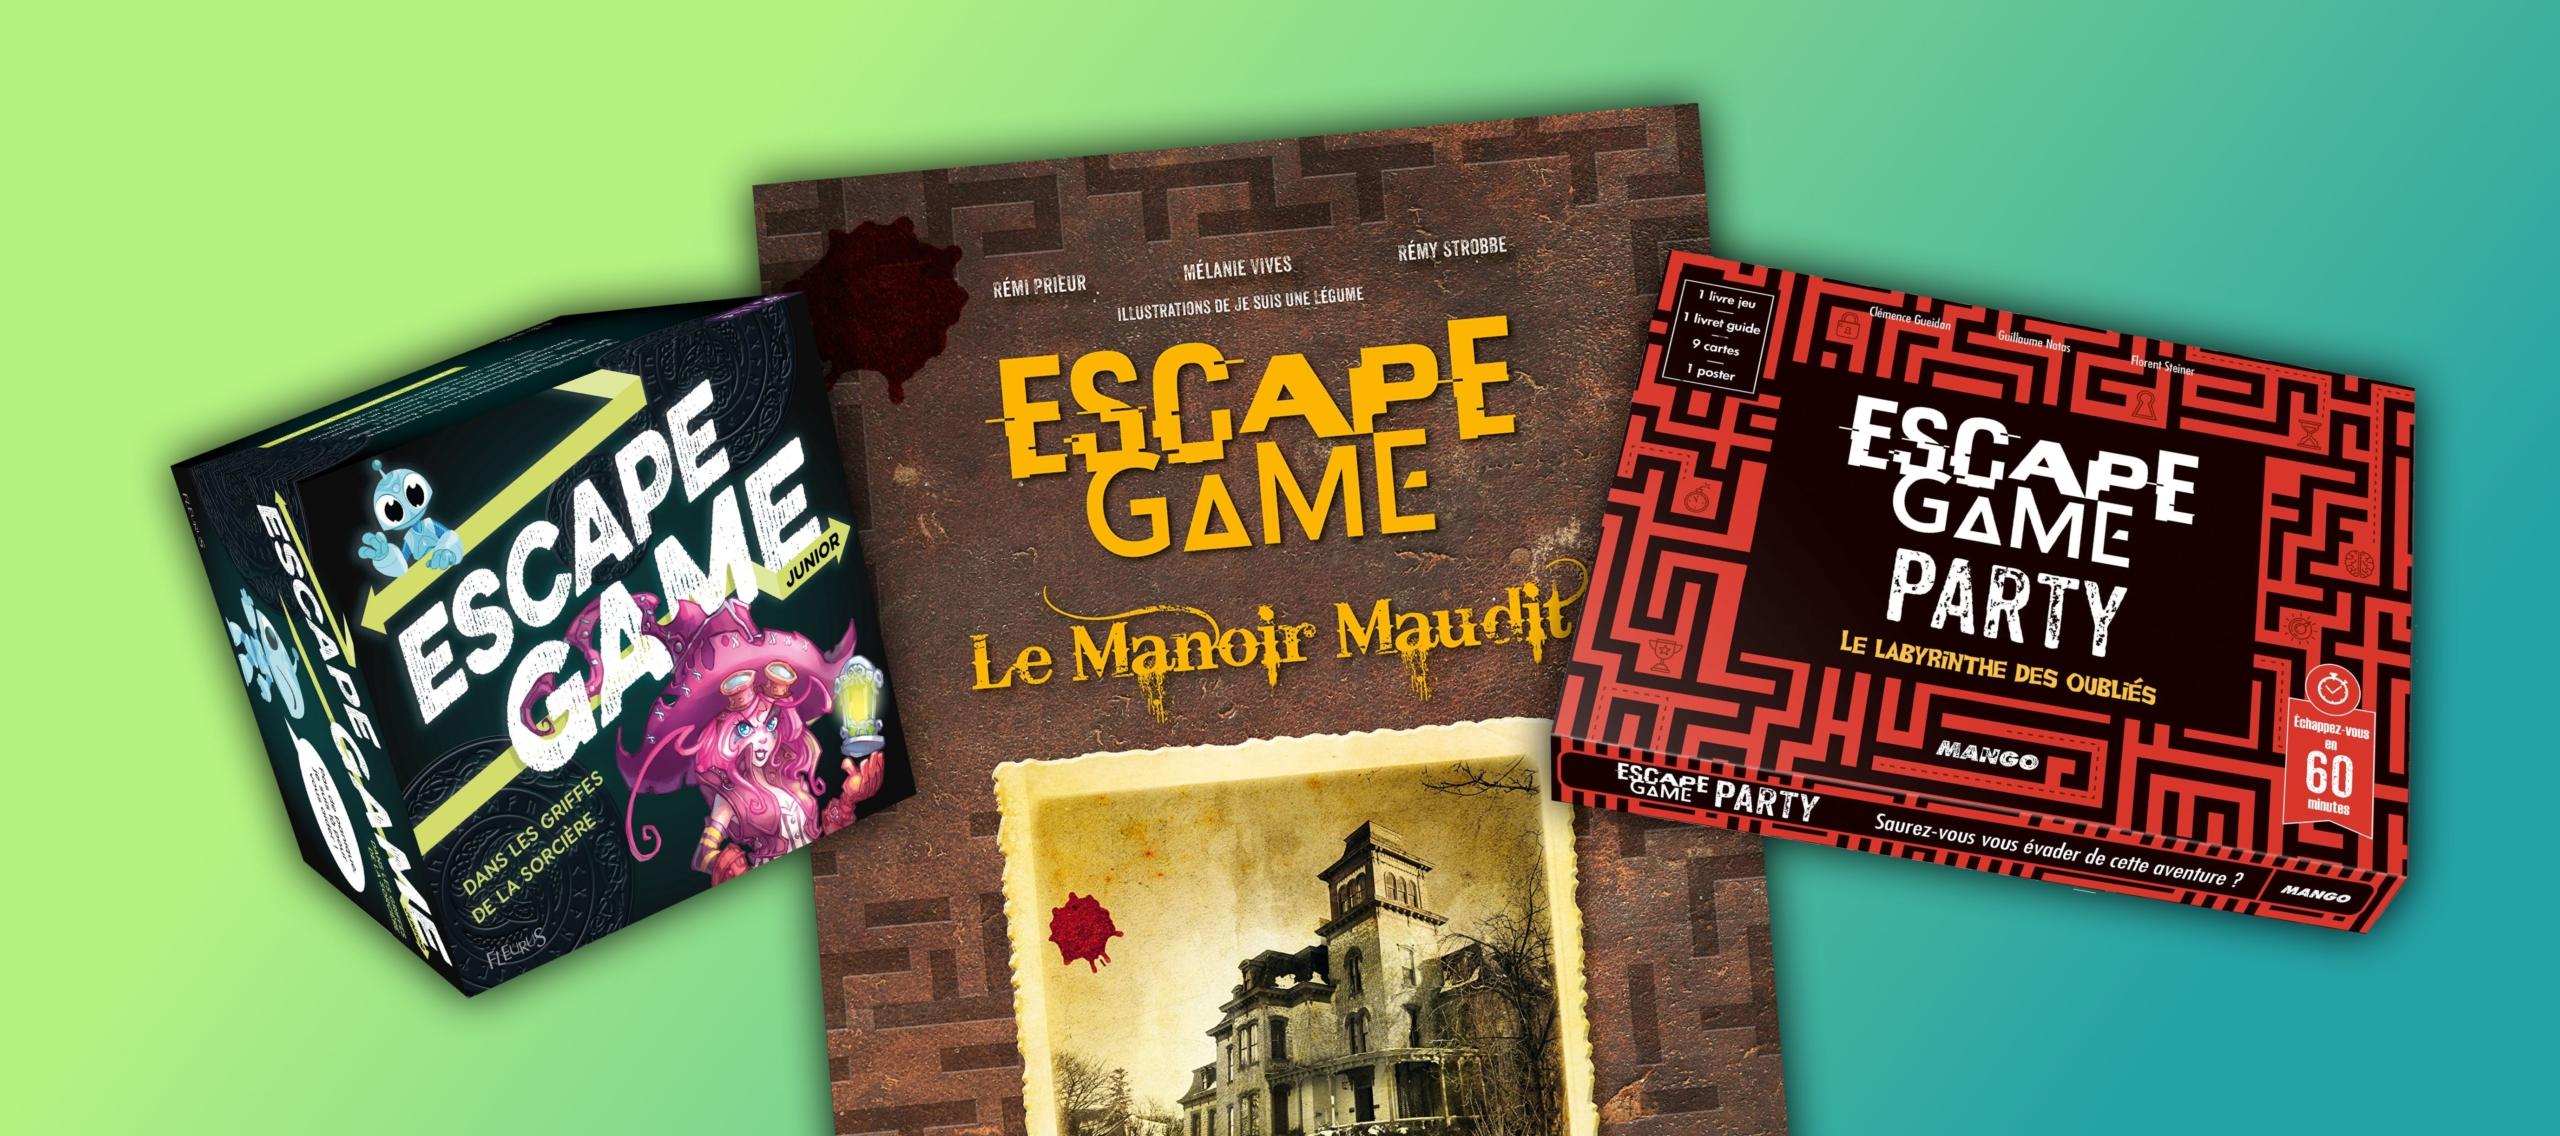 livre et coffret escape game